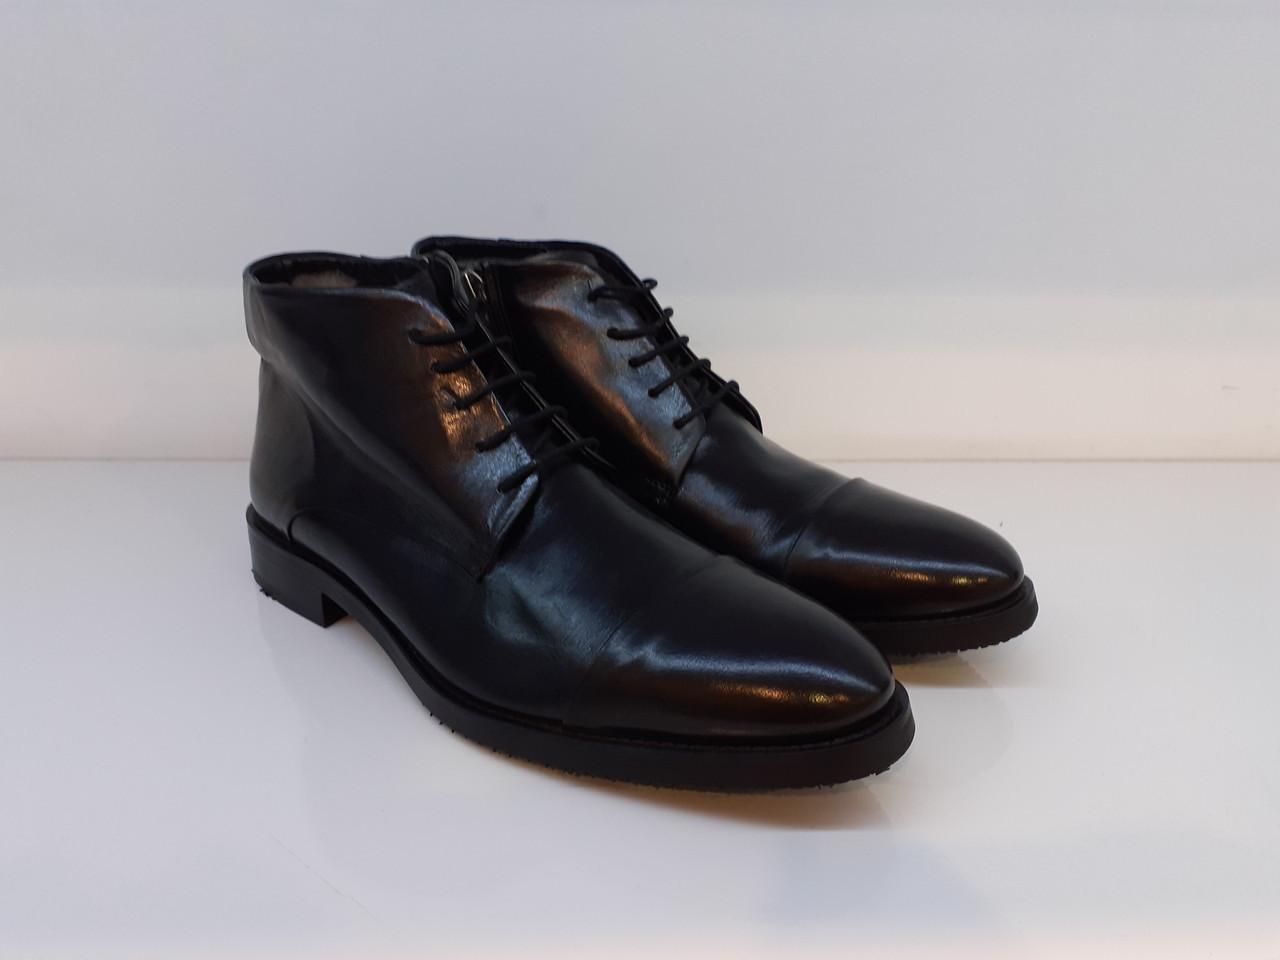 Ботинки Etor 13904-7266-2003 42 черные